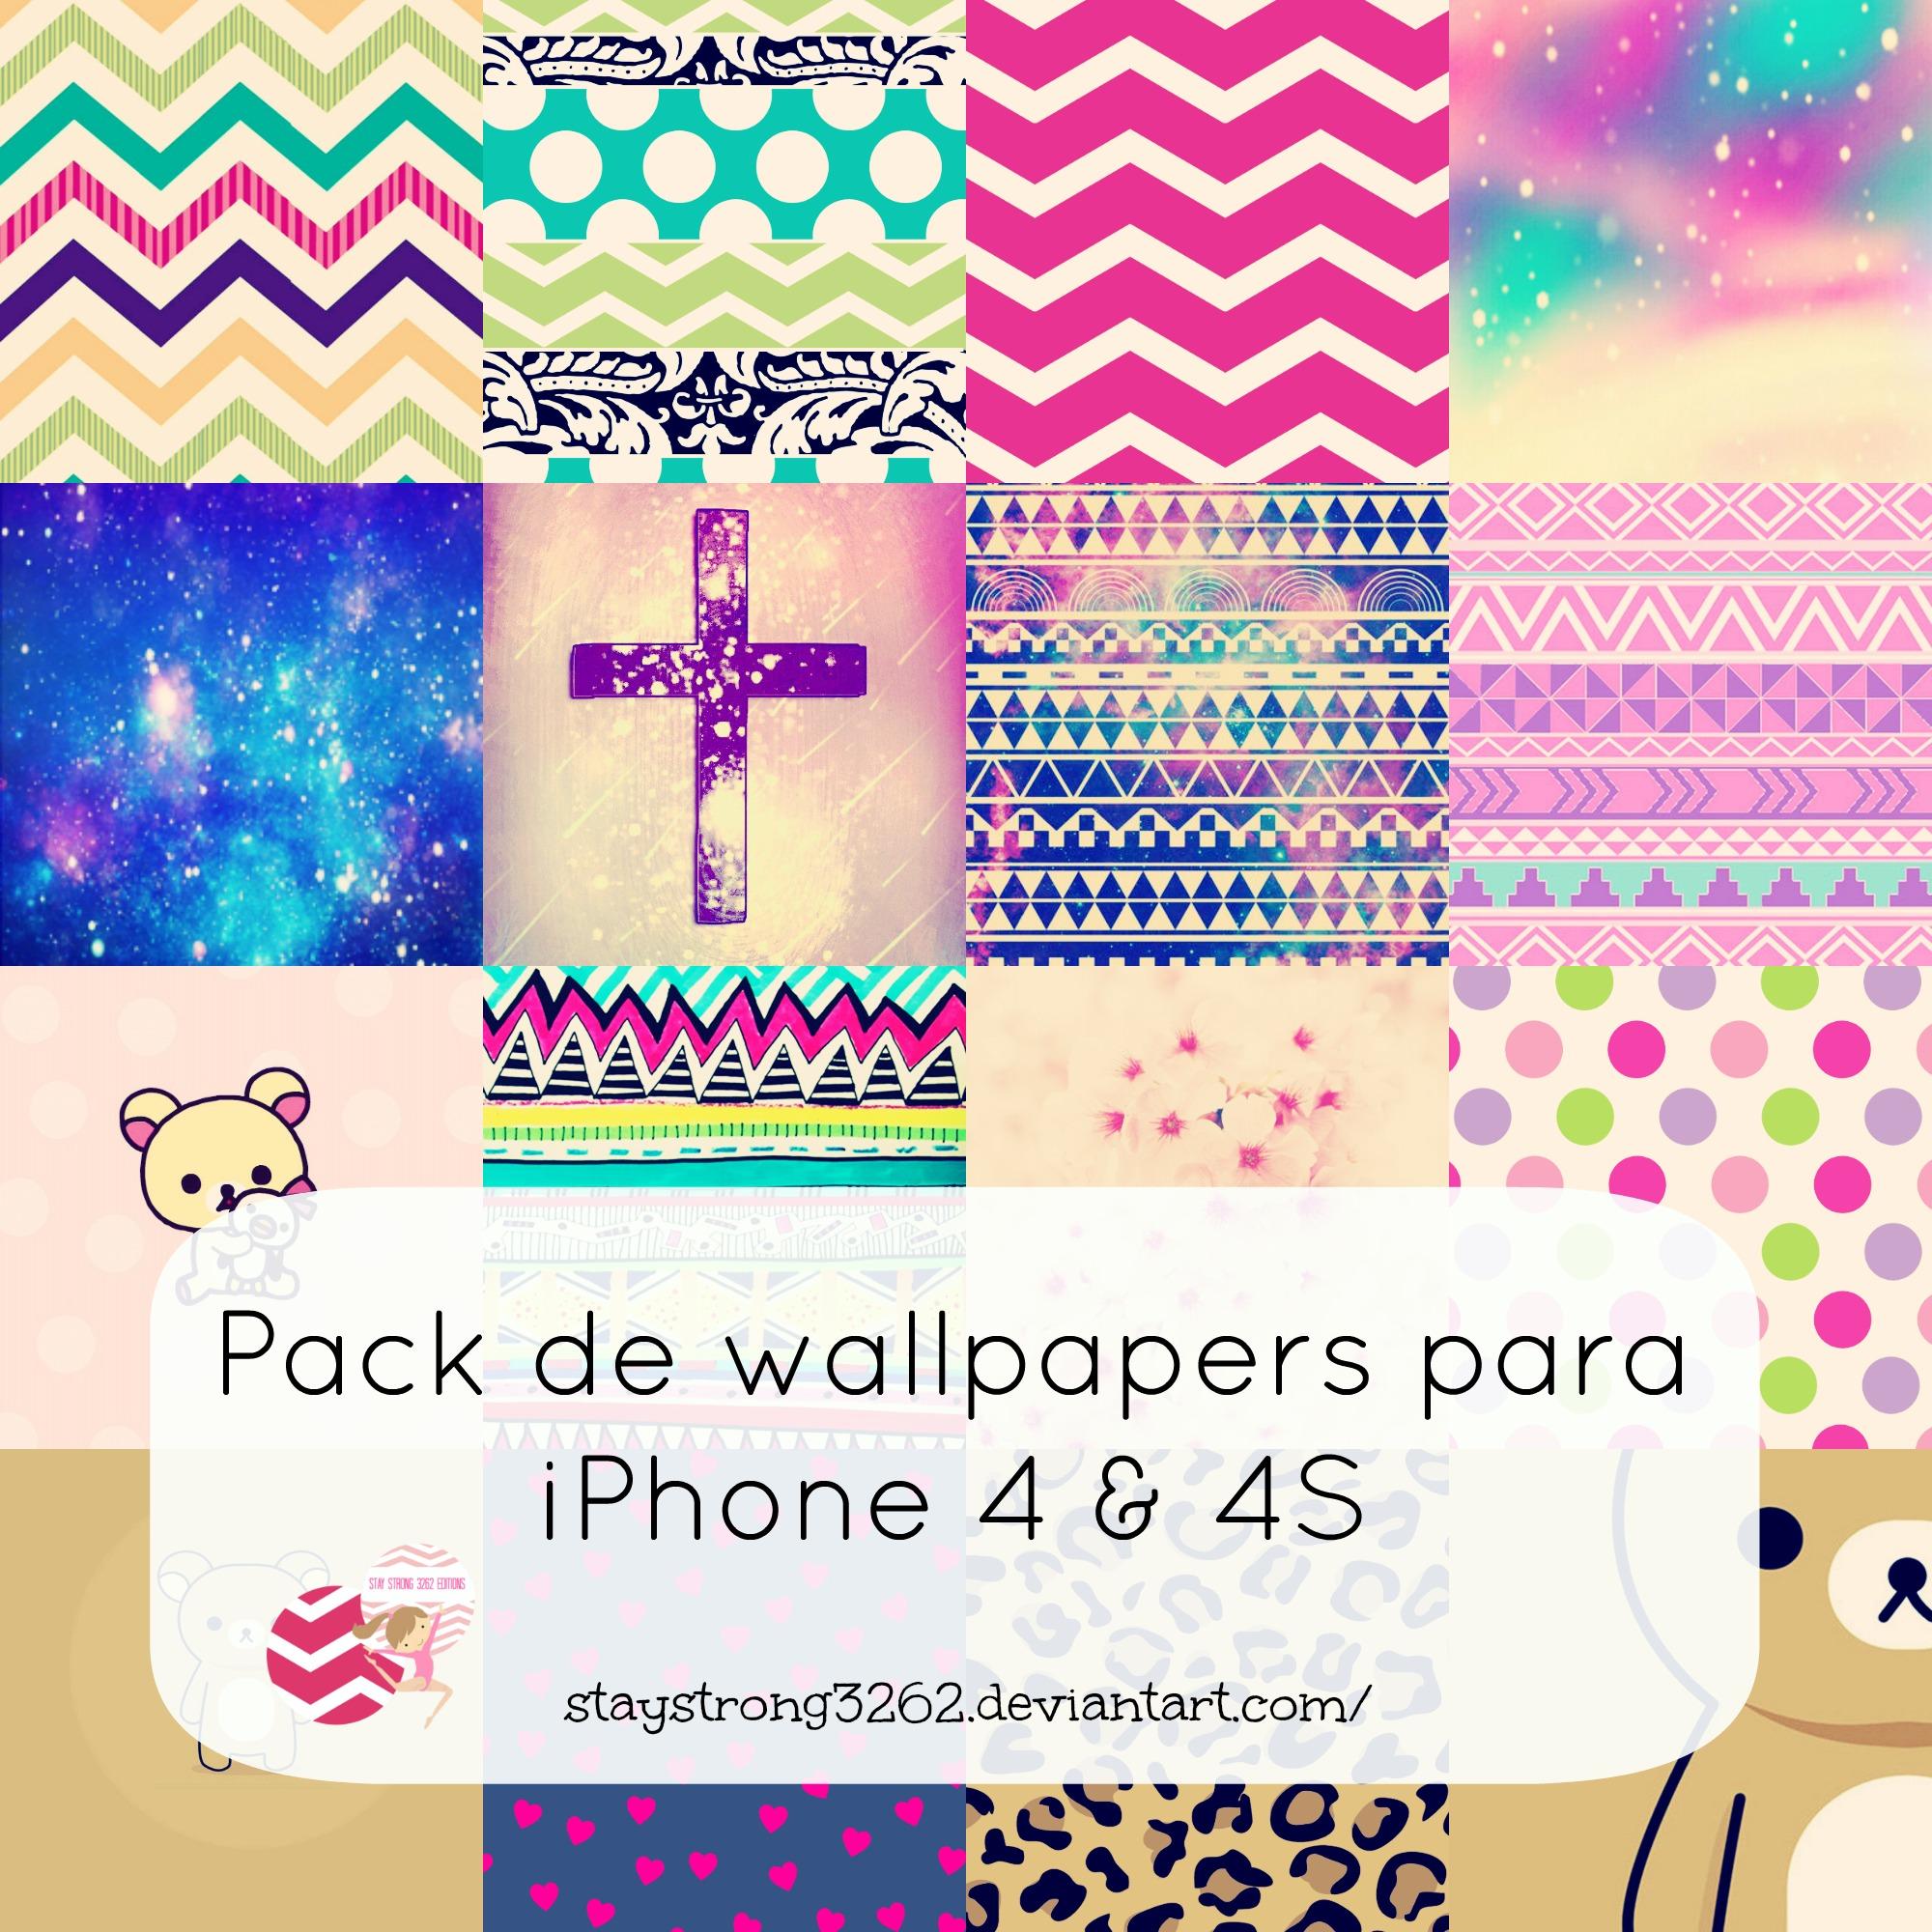 Iphone wallpaper pack tumblr - Tumblr Wallpaper For Iphone 4 Pack De 140 Wallpapers Para Iphone 4 Y 4s By